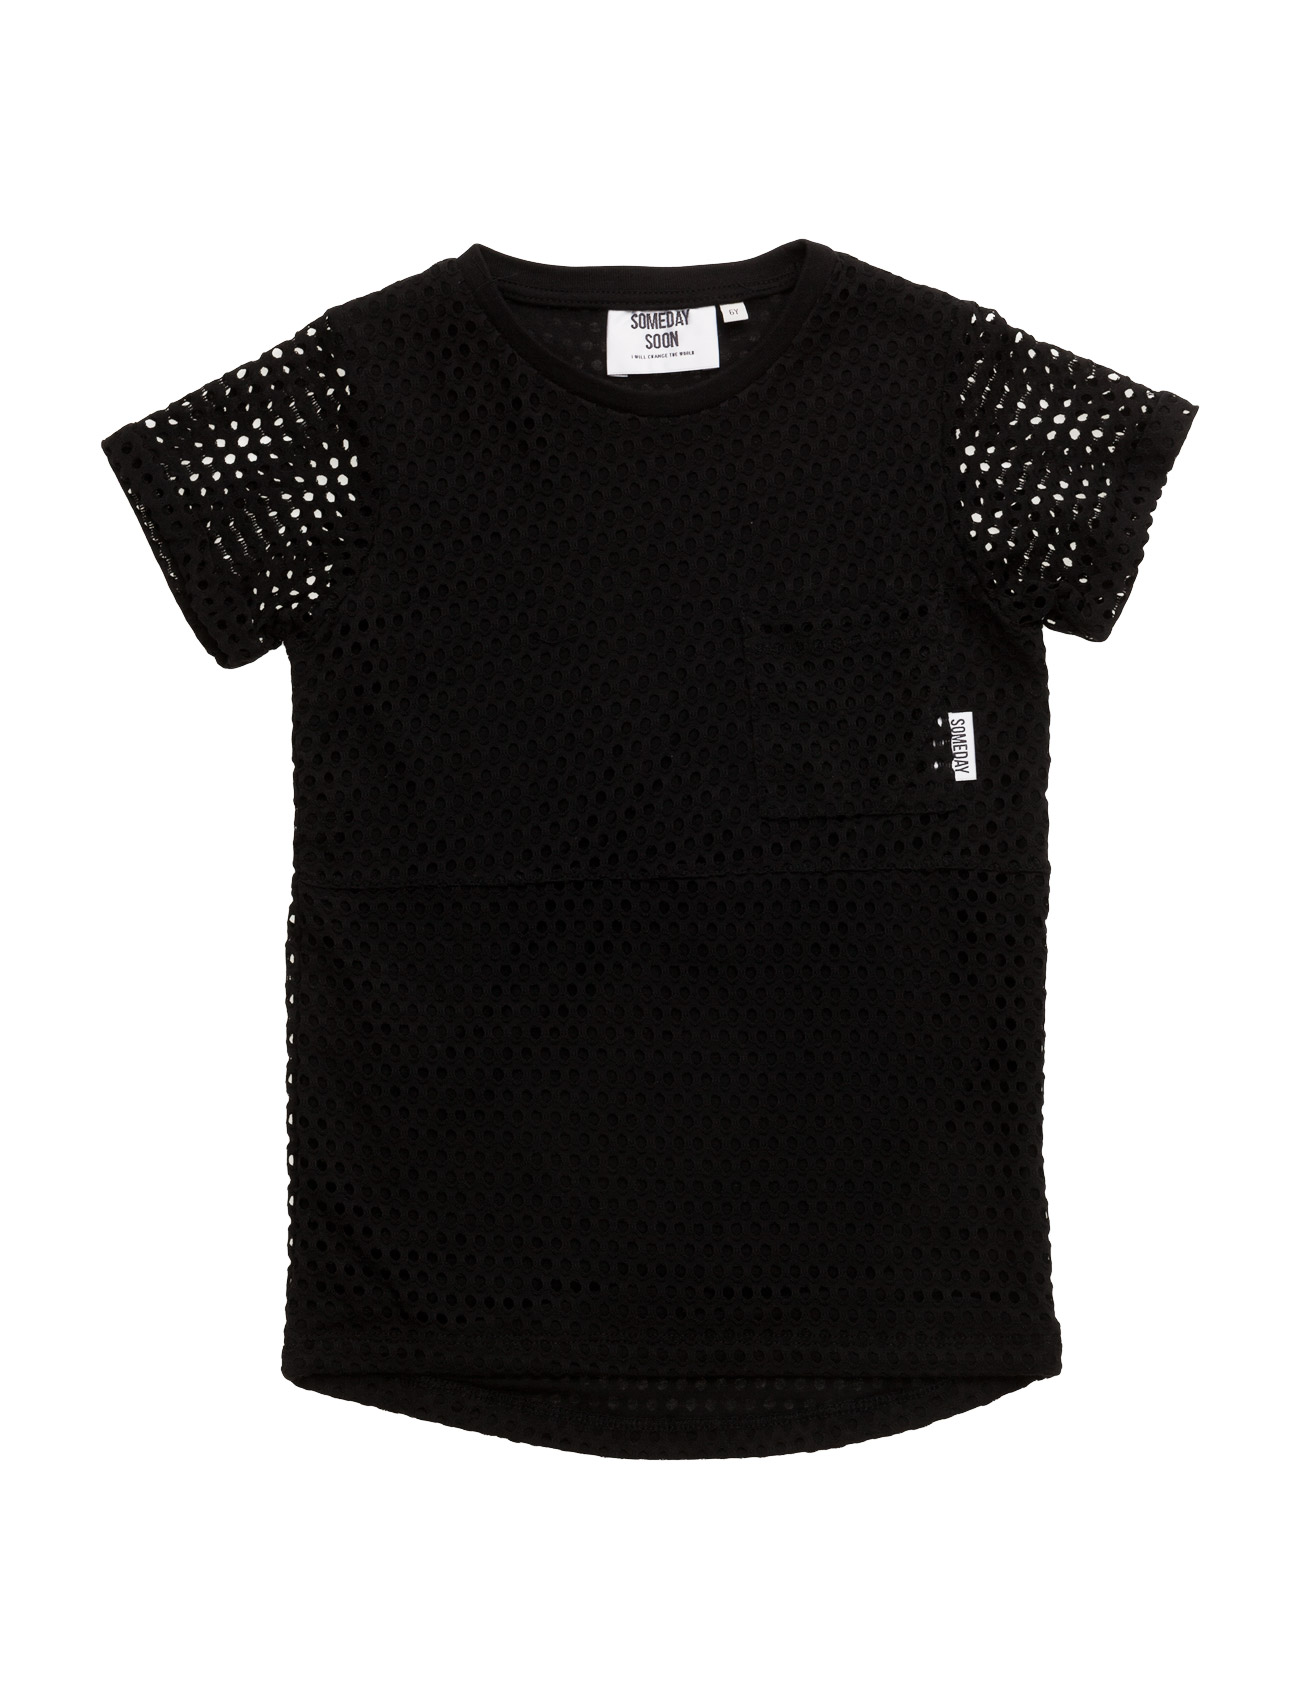 Herman T-Shirt Someday Soon Kortærmede t-shirts til Børn i